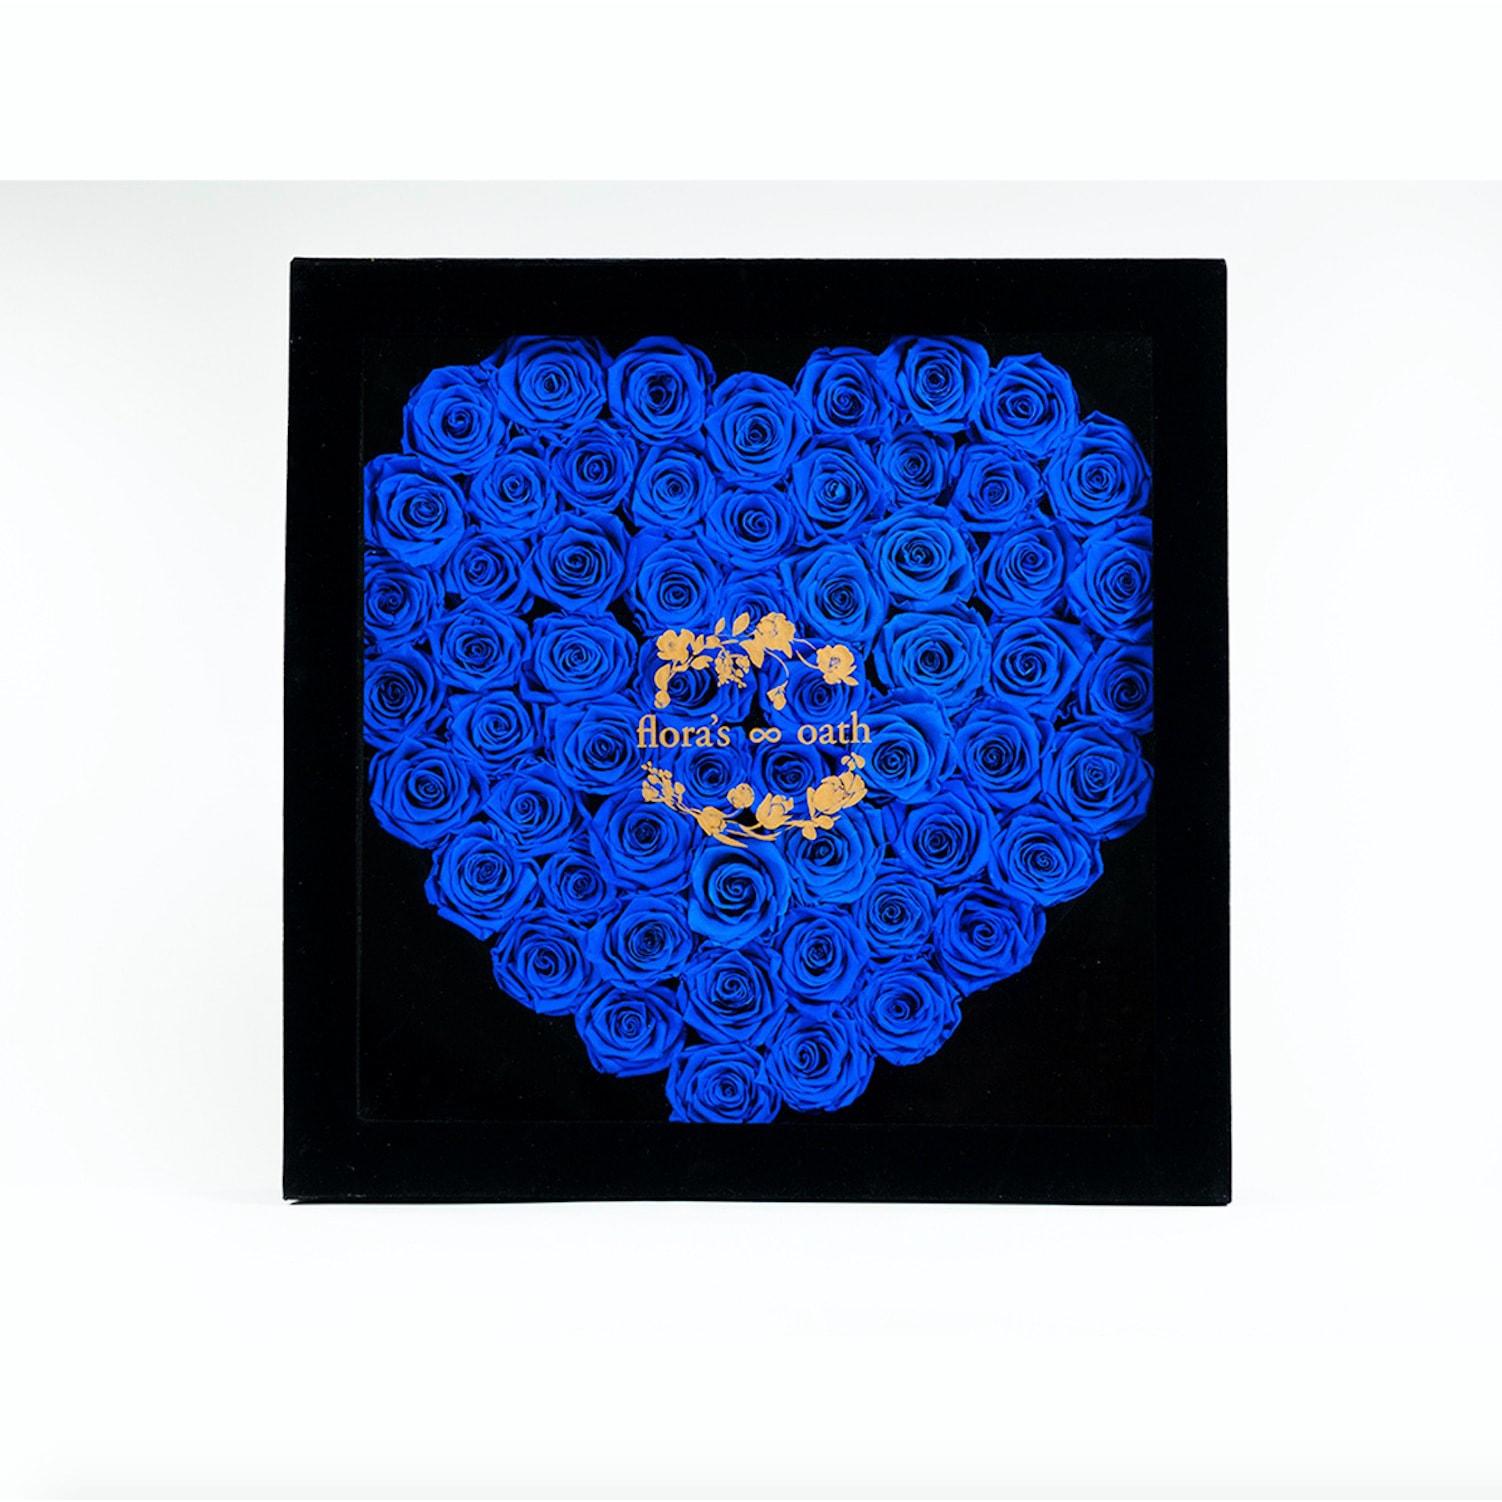 芙罗拉之誓 永生花心形玫瑰组合 倾慕系列-深远 黑色礼盒装 怎么样 - 亚米网